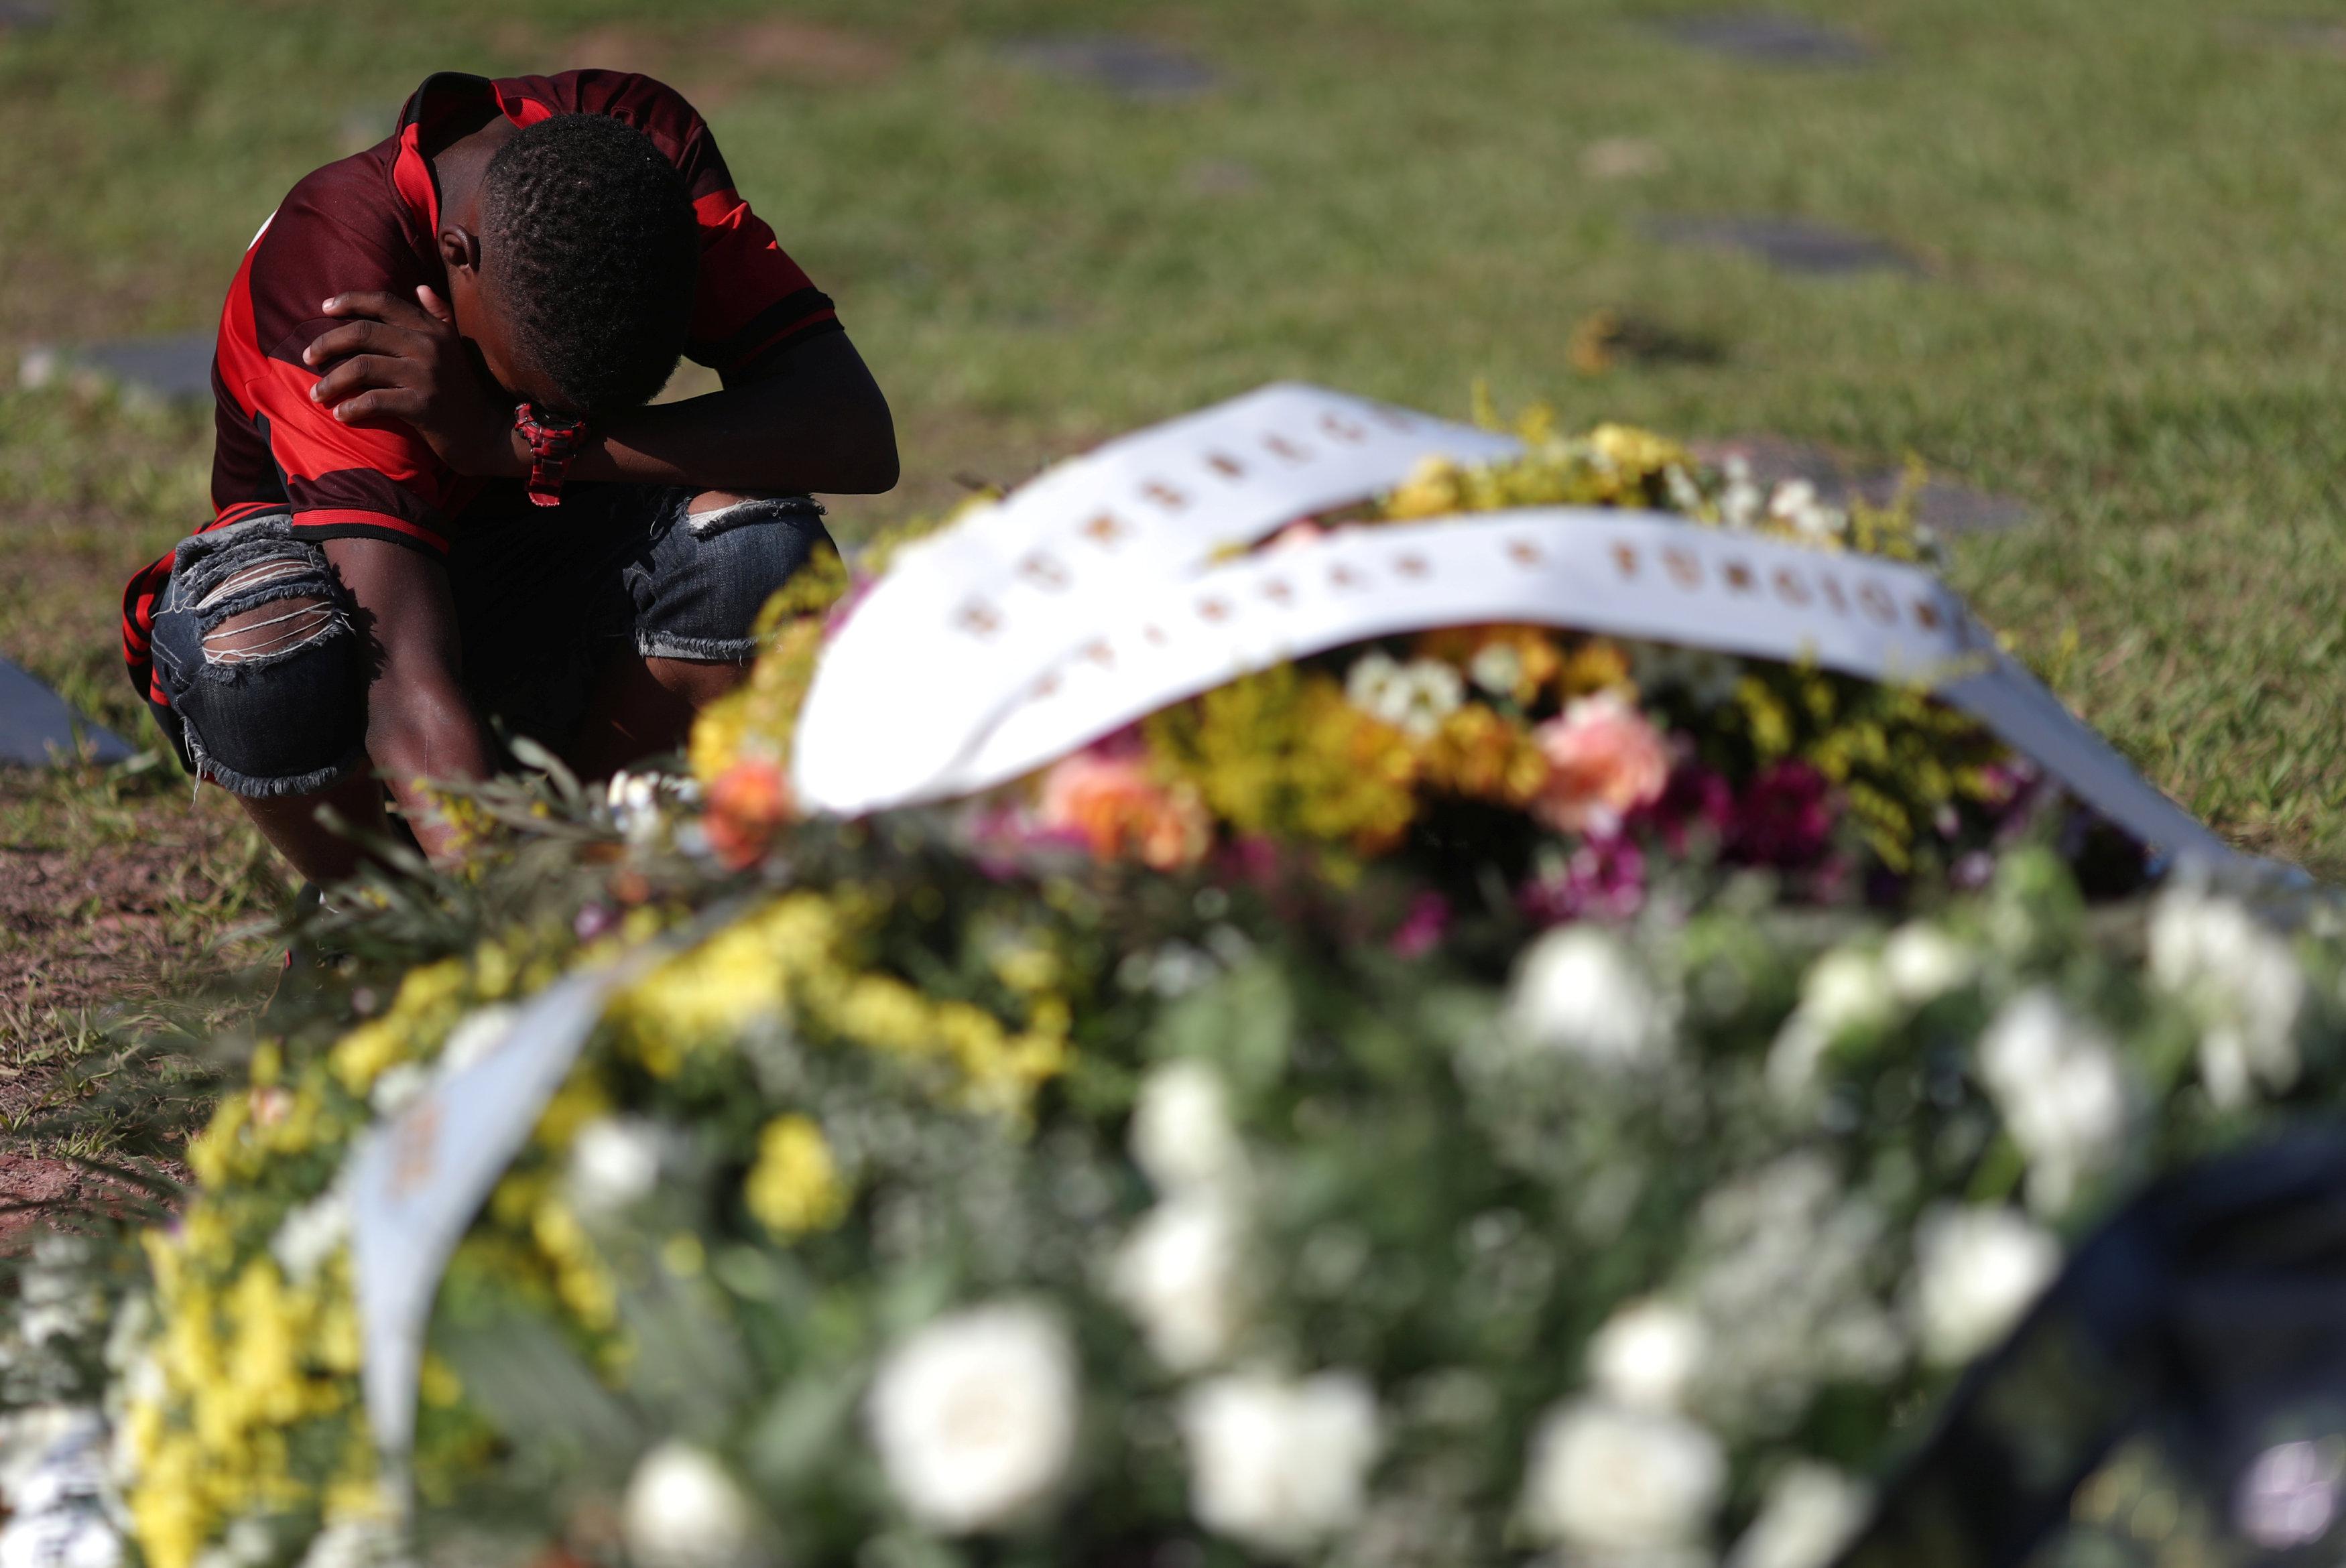 تشييع جثامين قتلى حريق مركز تدريب نادى فلامنجو البرازيلى (5)